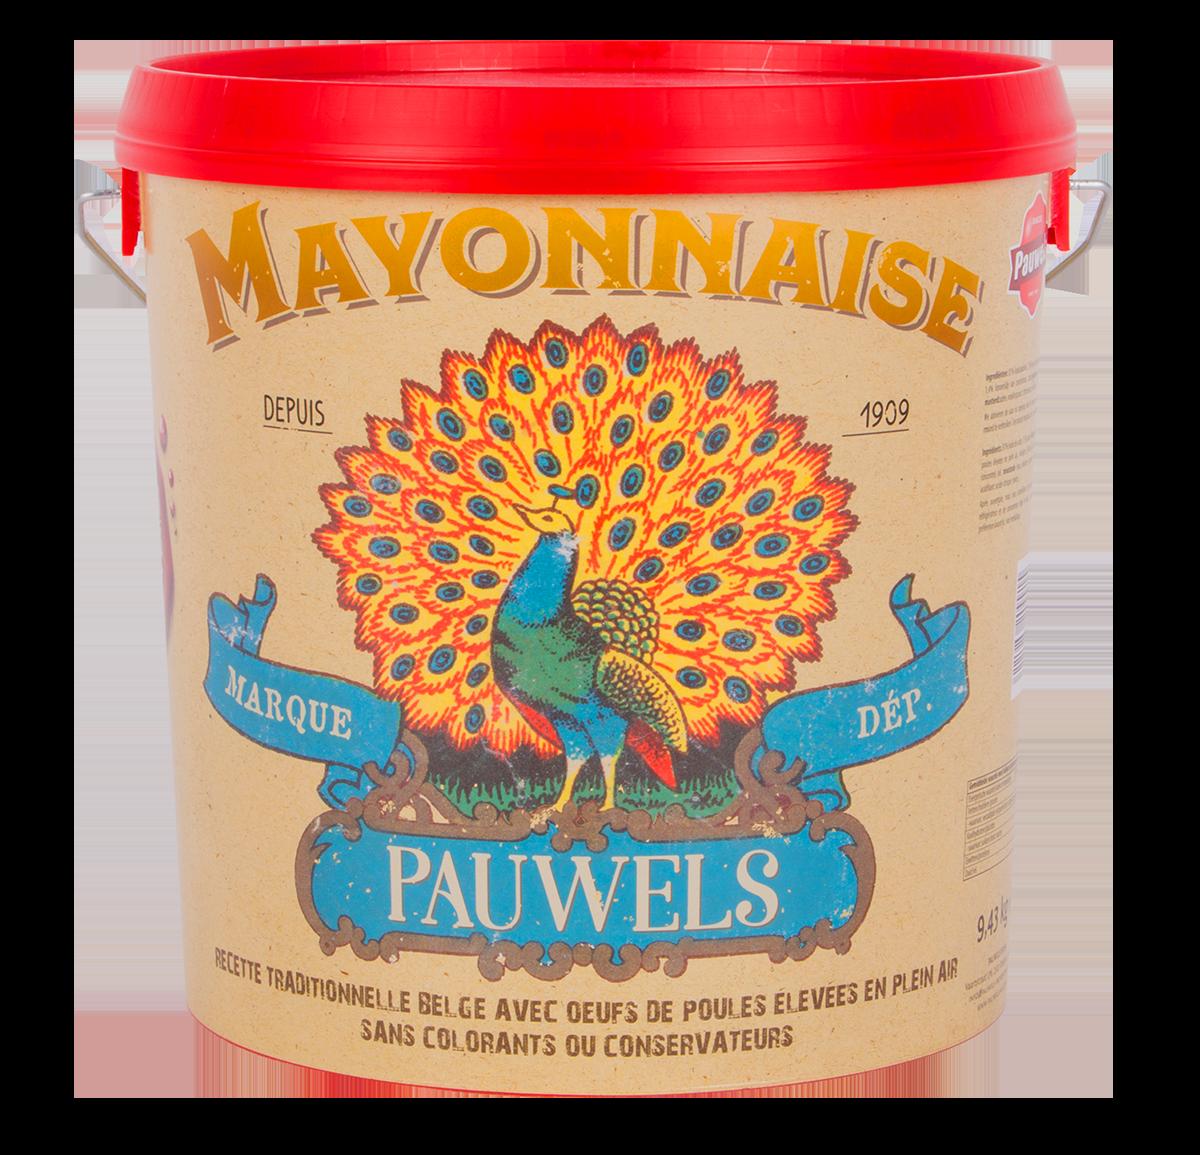 Mayonnaise 110 10L Seau Pauwels Sauces